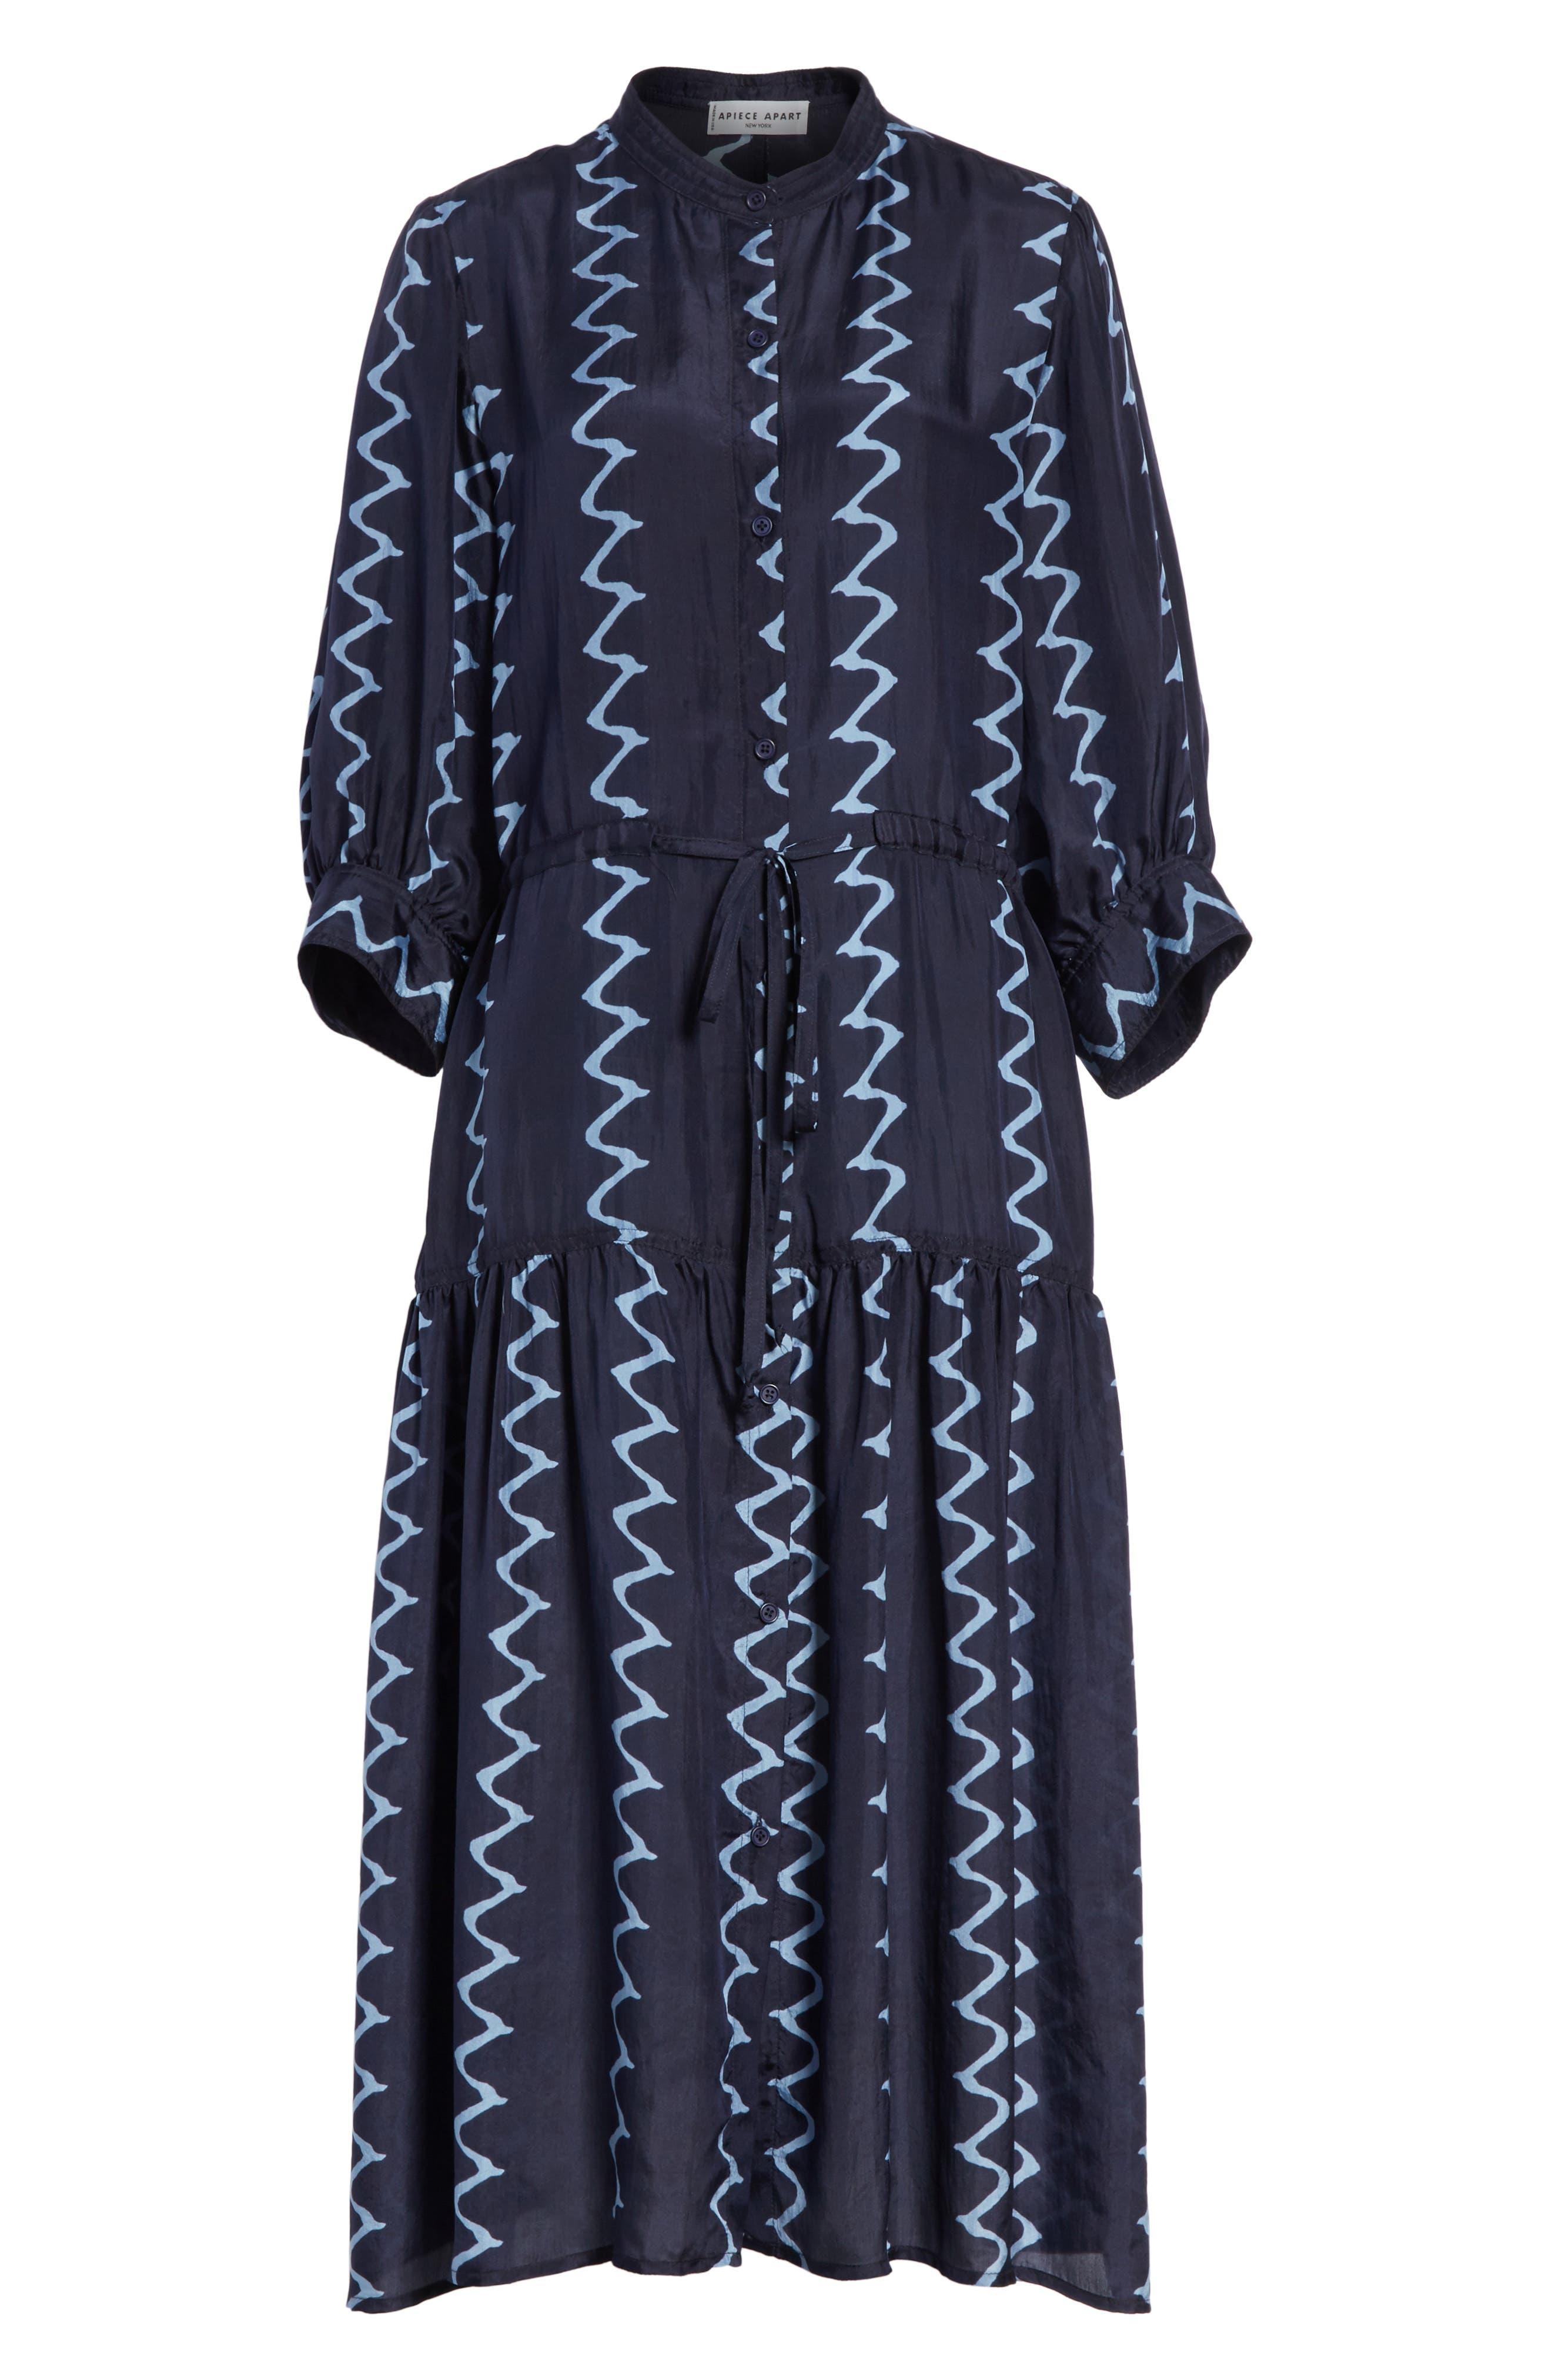 Dunegrass Silk Shirtdress,                             Alternate thumbnail 6, color,                             Navy Berber